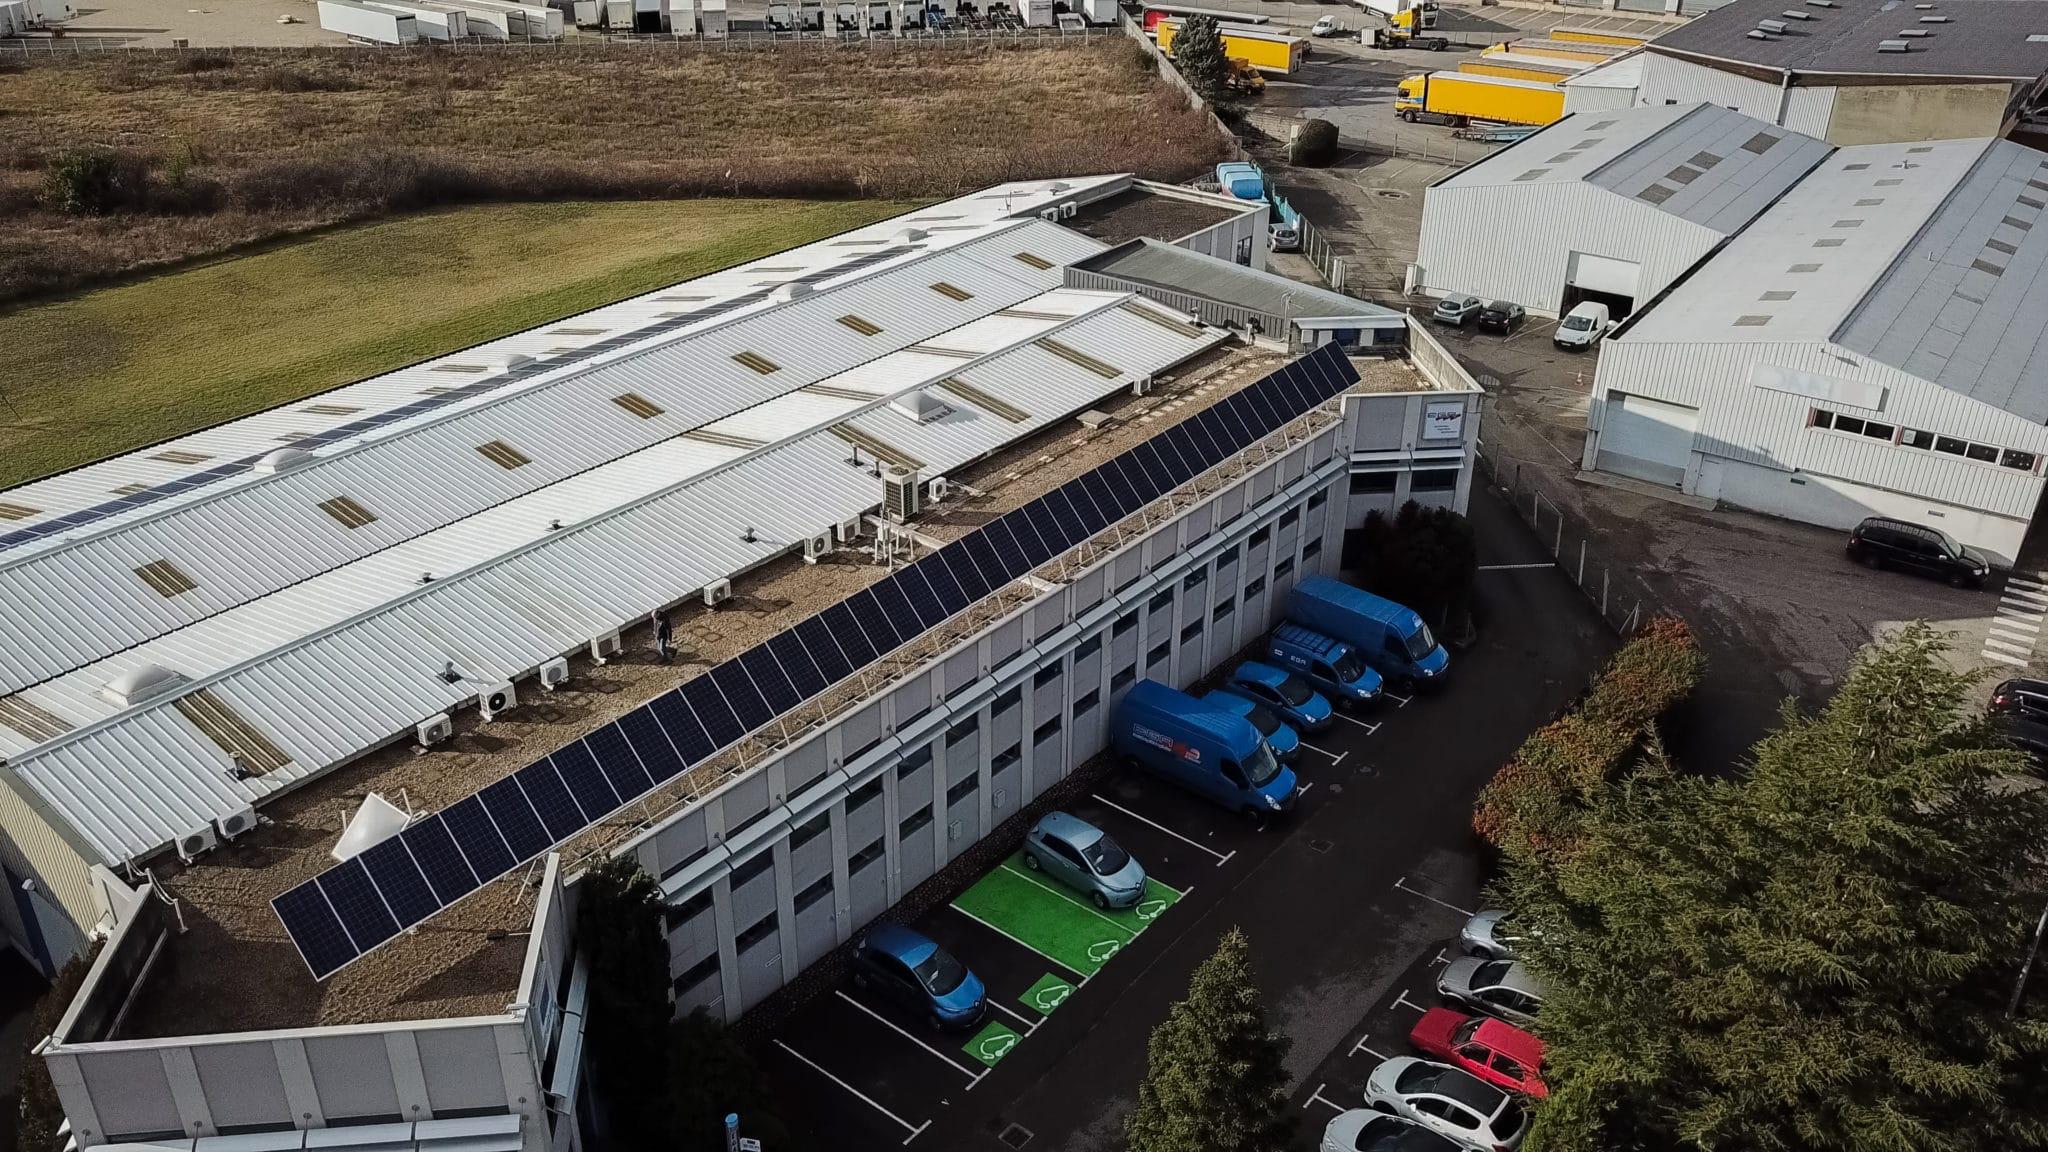 «Centrales PV – toiture terrasse béton» en autoconsommation, la révolution en marche